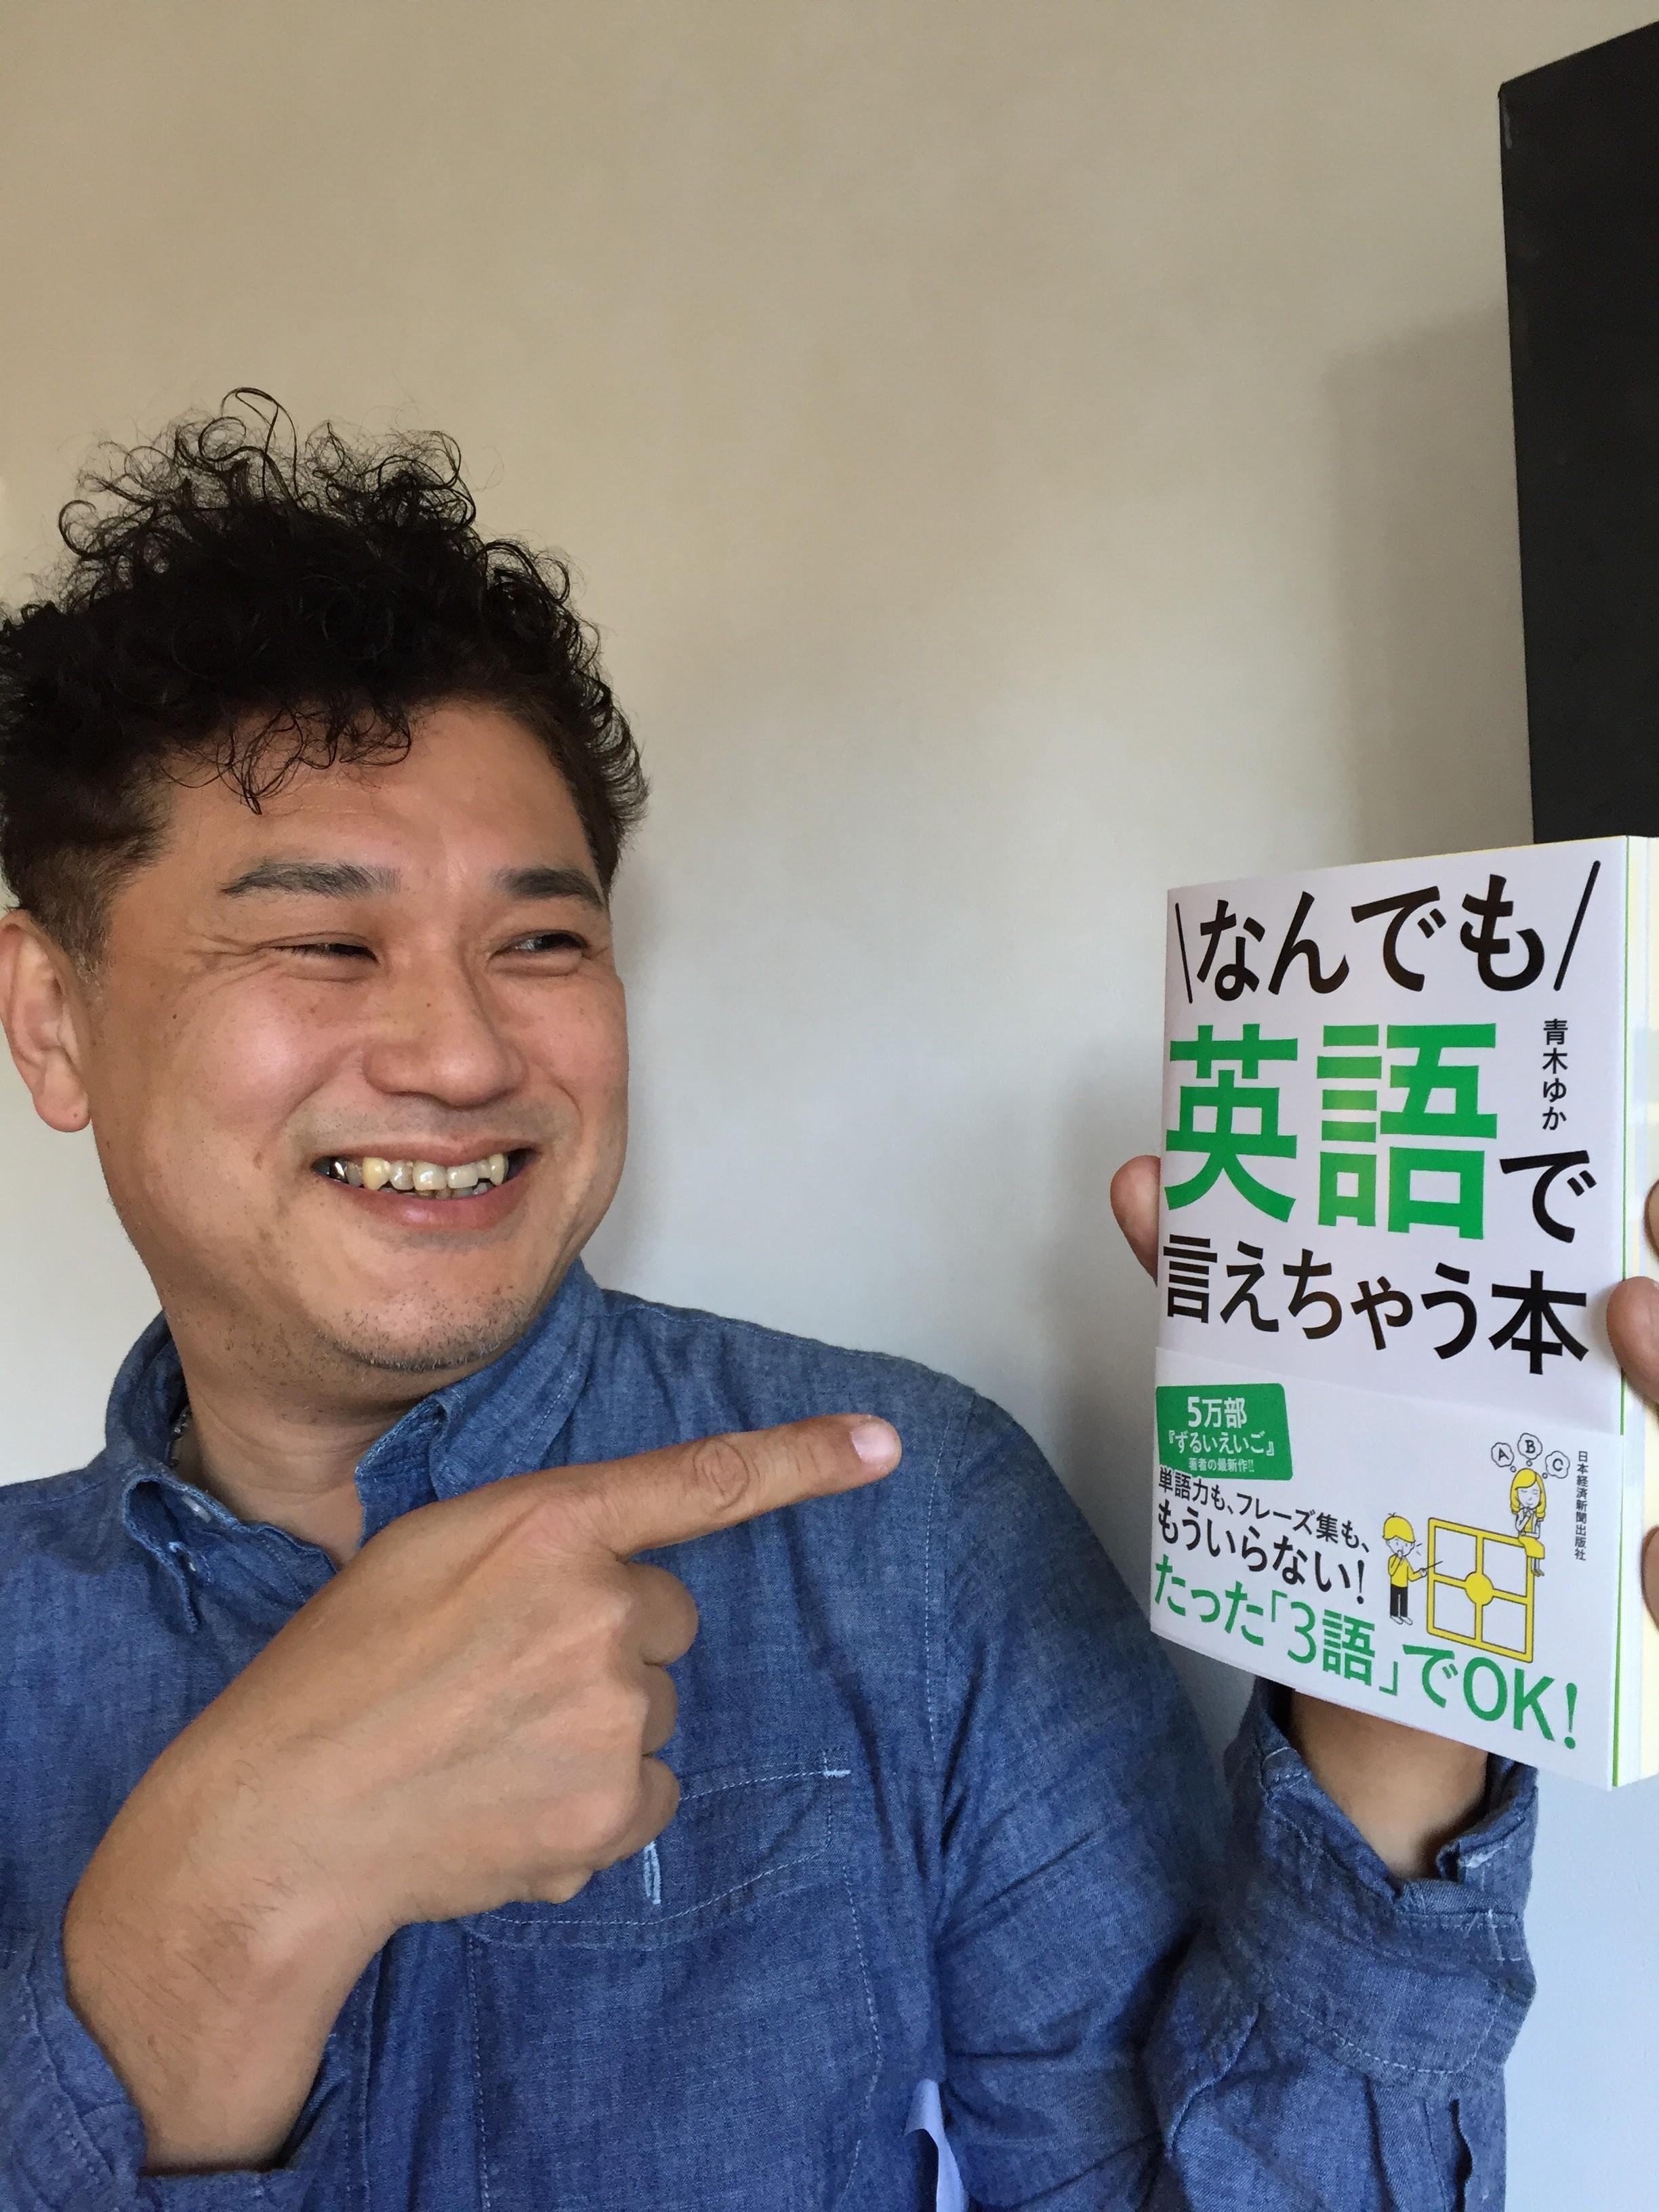 【 ご献本 】青木ゆか「なんでも英語で言えちゃう本」